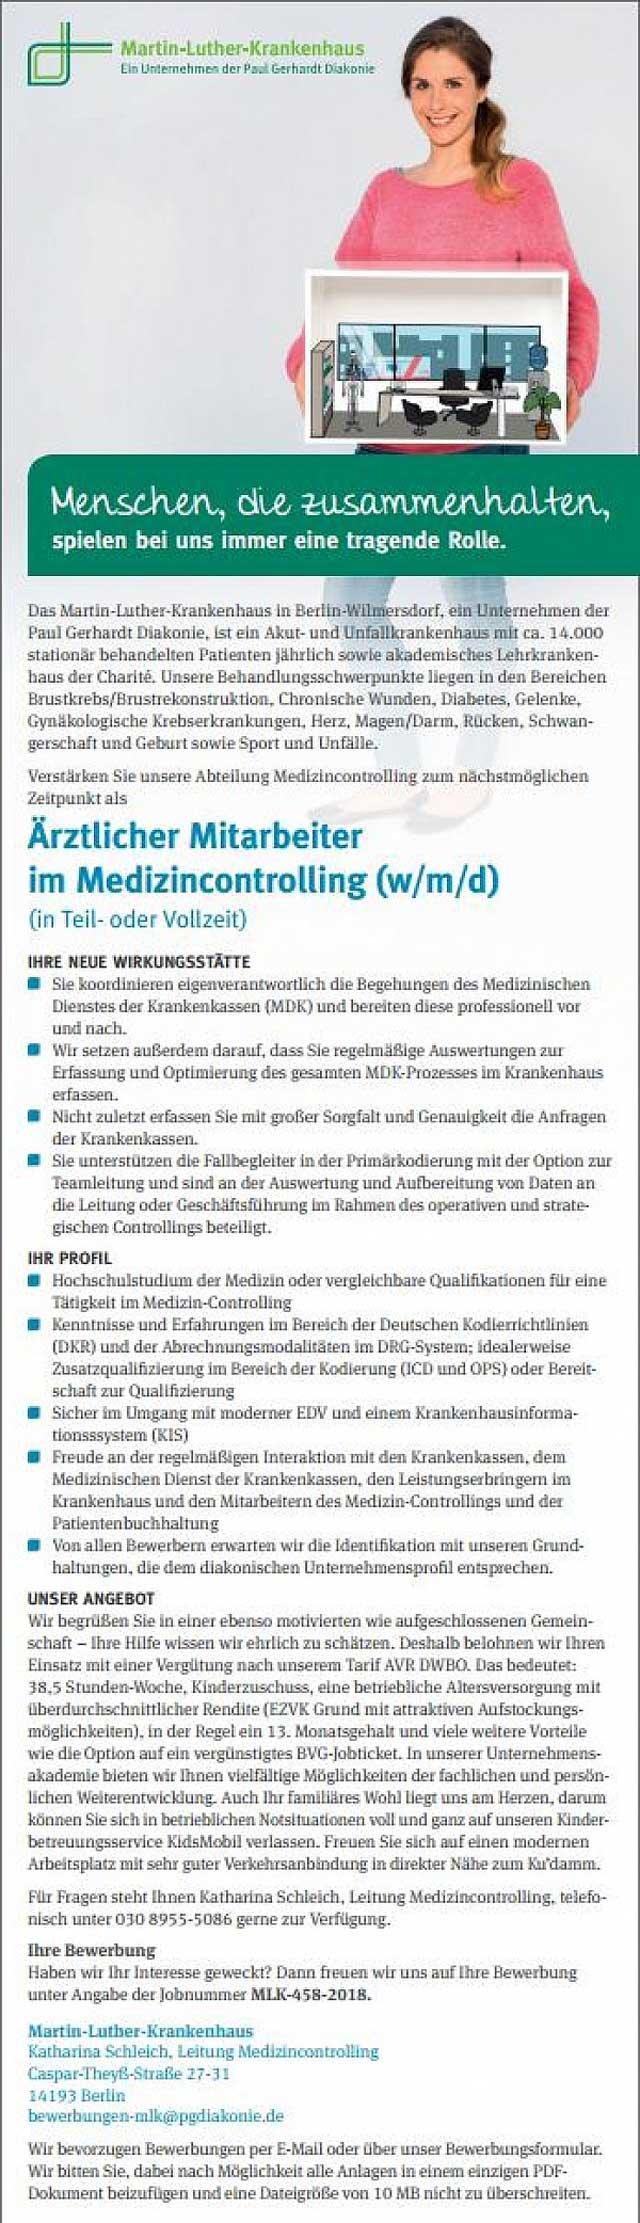 Martin-Luther-Krankenhaus Berlin-Wilmersdorf: Ärztlicher Mitarbeiter im Medizincontrolling (w/m/d)